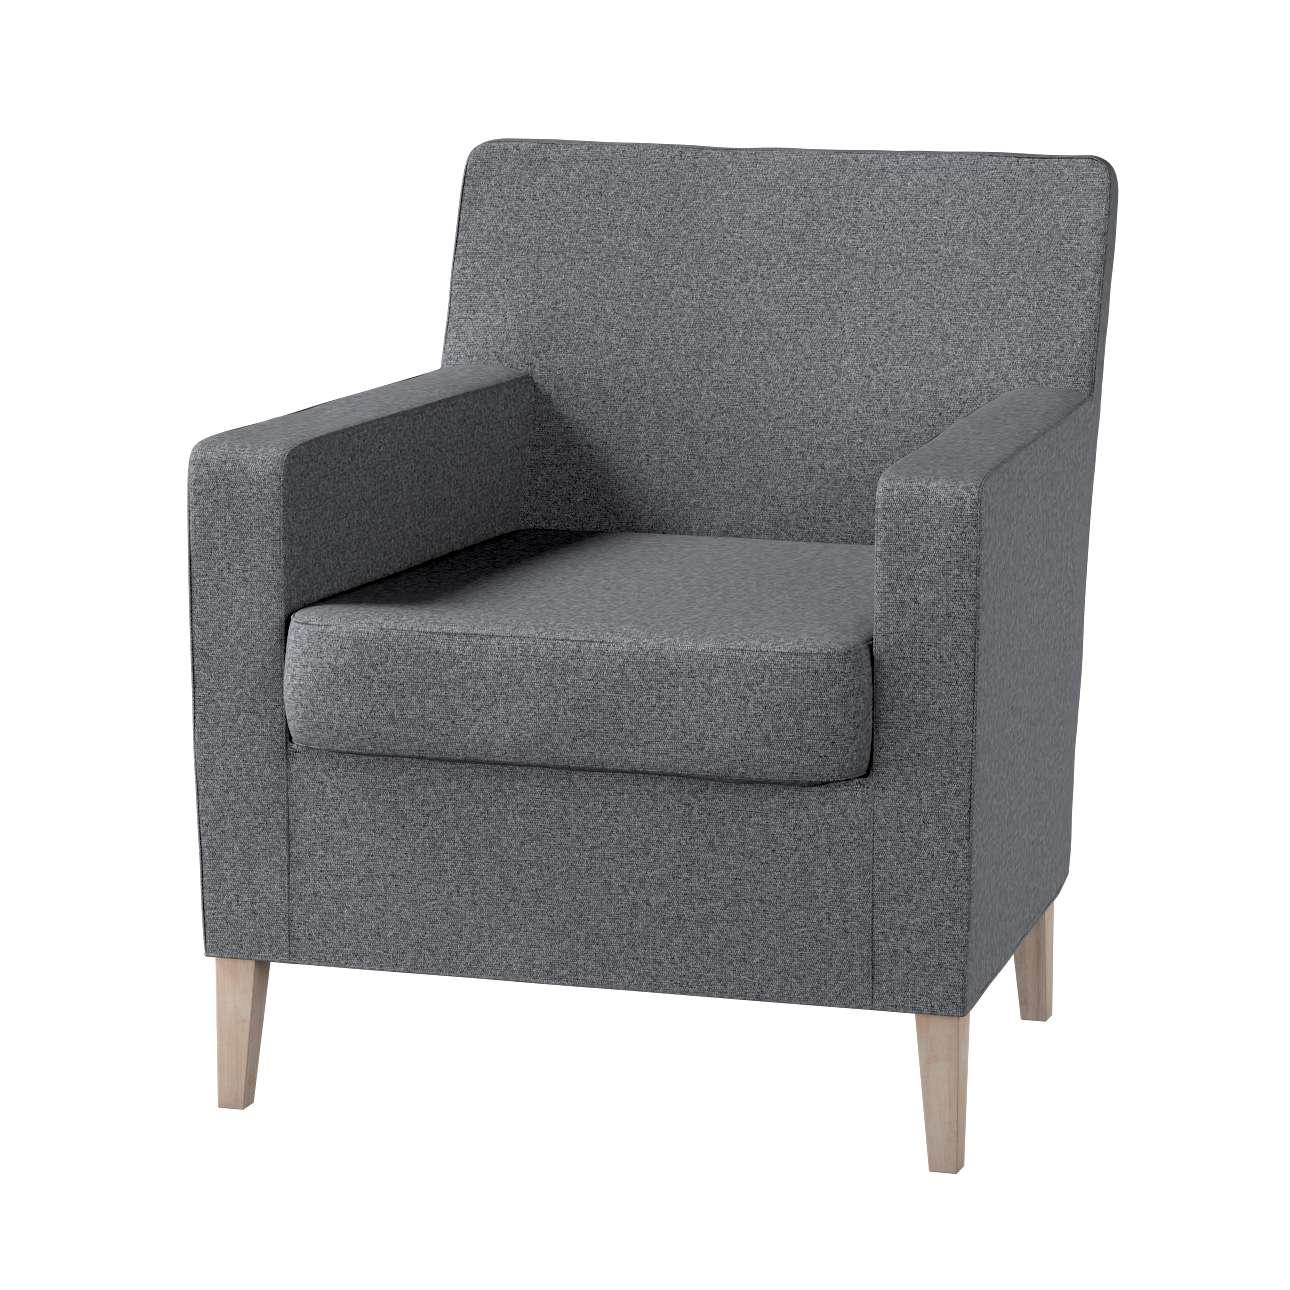 Pokrowiec na fotel Karlstad w kolekcji Amsterdam, tkanina: 704-47